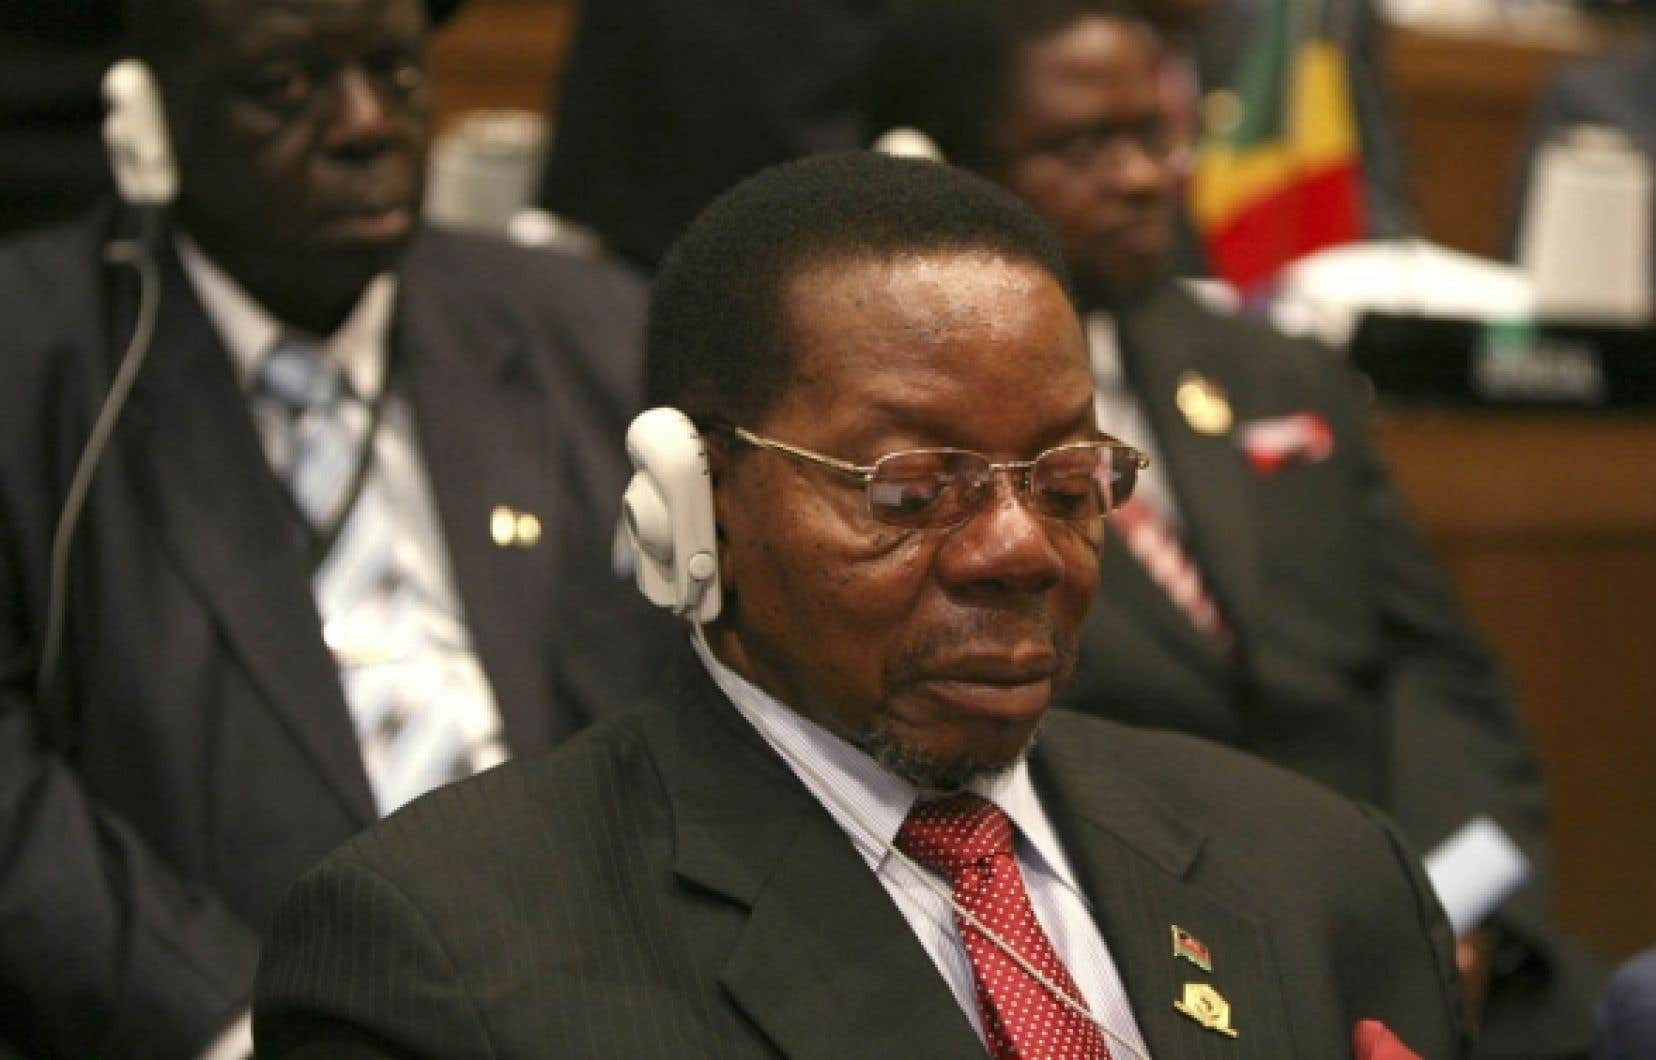 Le président de la République du Malawi, Bingu wa Mutharika, a été élu hier à la présidence de l'Union africaine. «J'accepte cette responsabilité avec humilité», a déclaré l'homme de 76 ans.